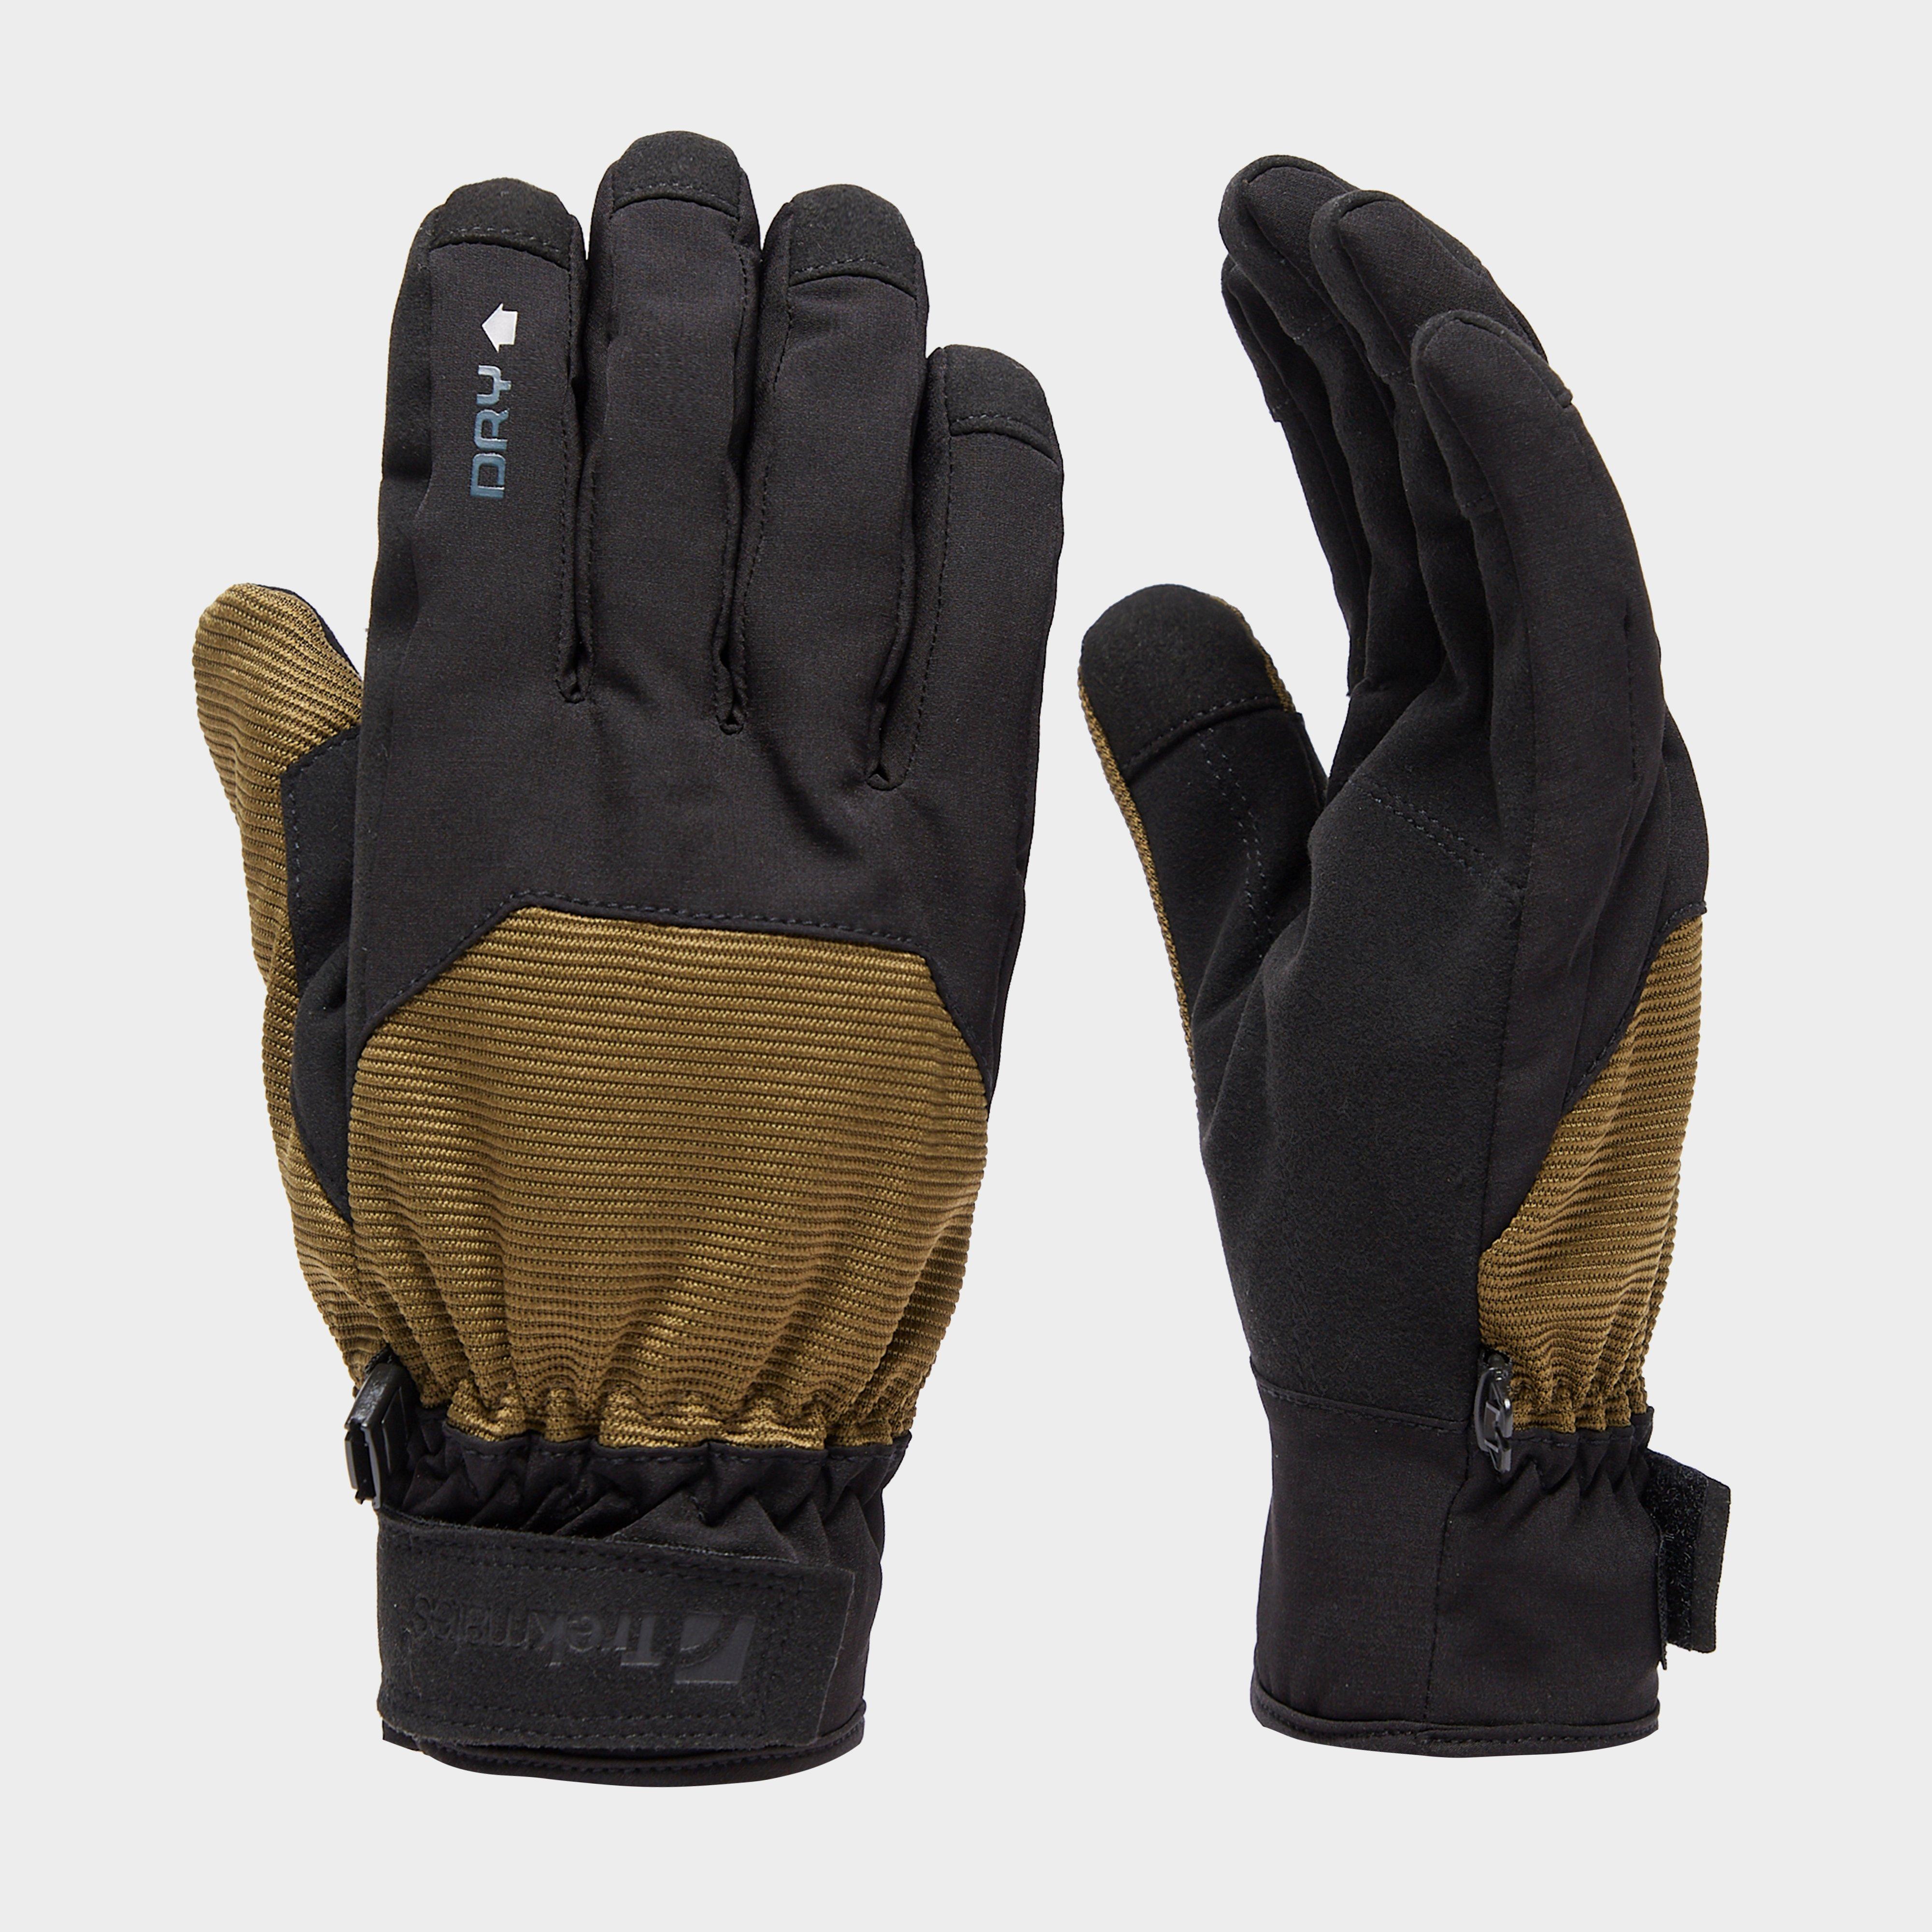 Trekmates Taktil Dry Gloves - Green, Green